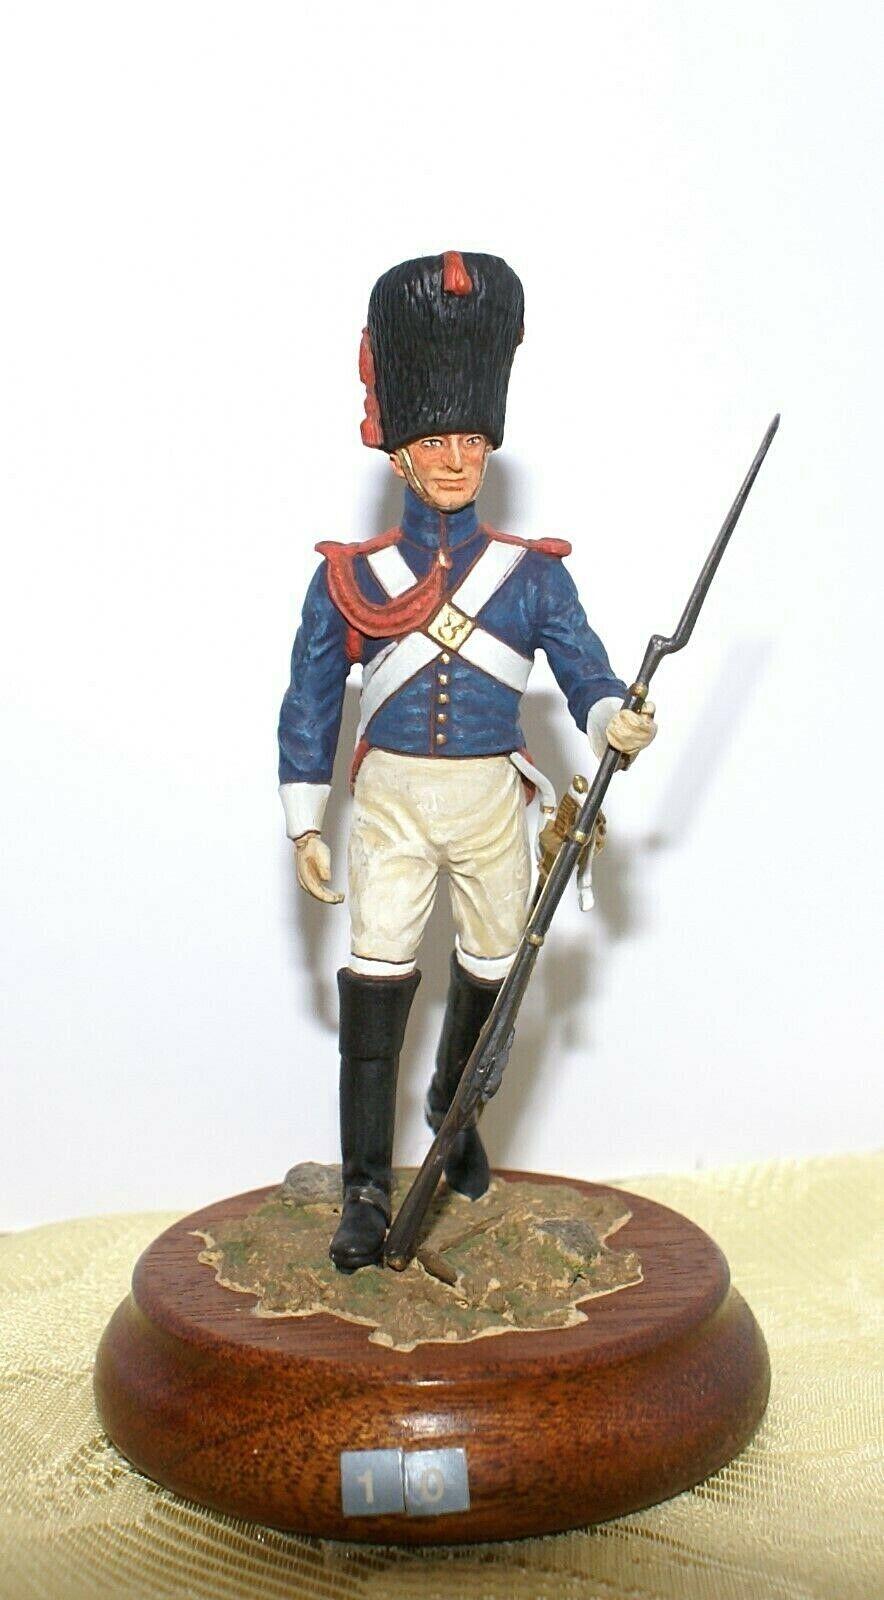 Soldat de plomb 90mm - Carabinier d'infanterie légère 1804 - Lead soldier